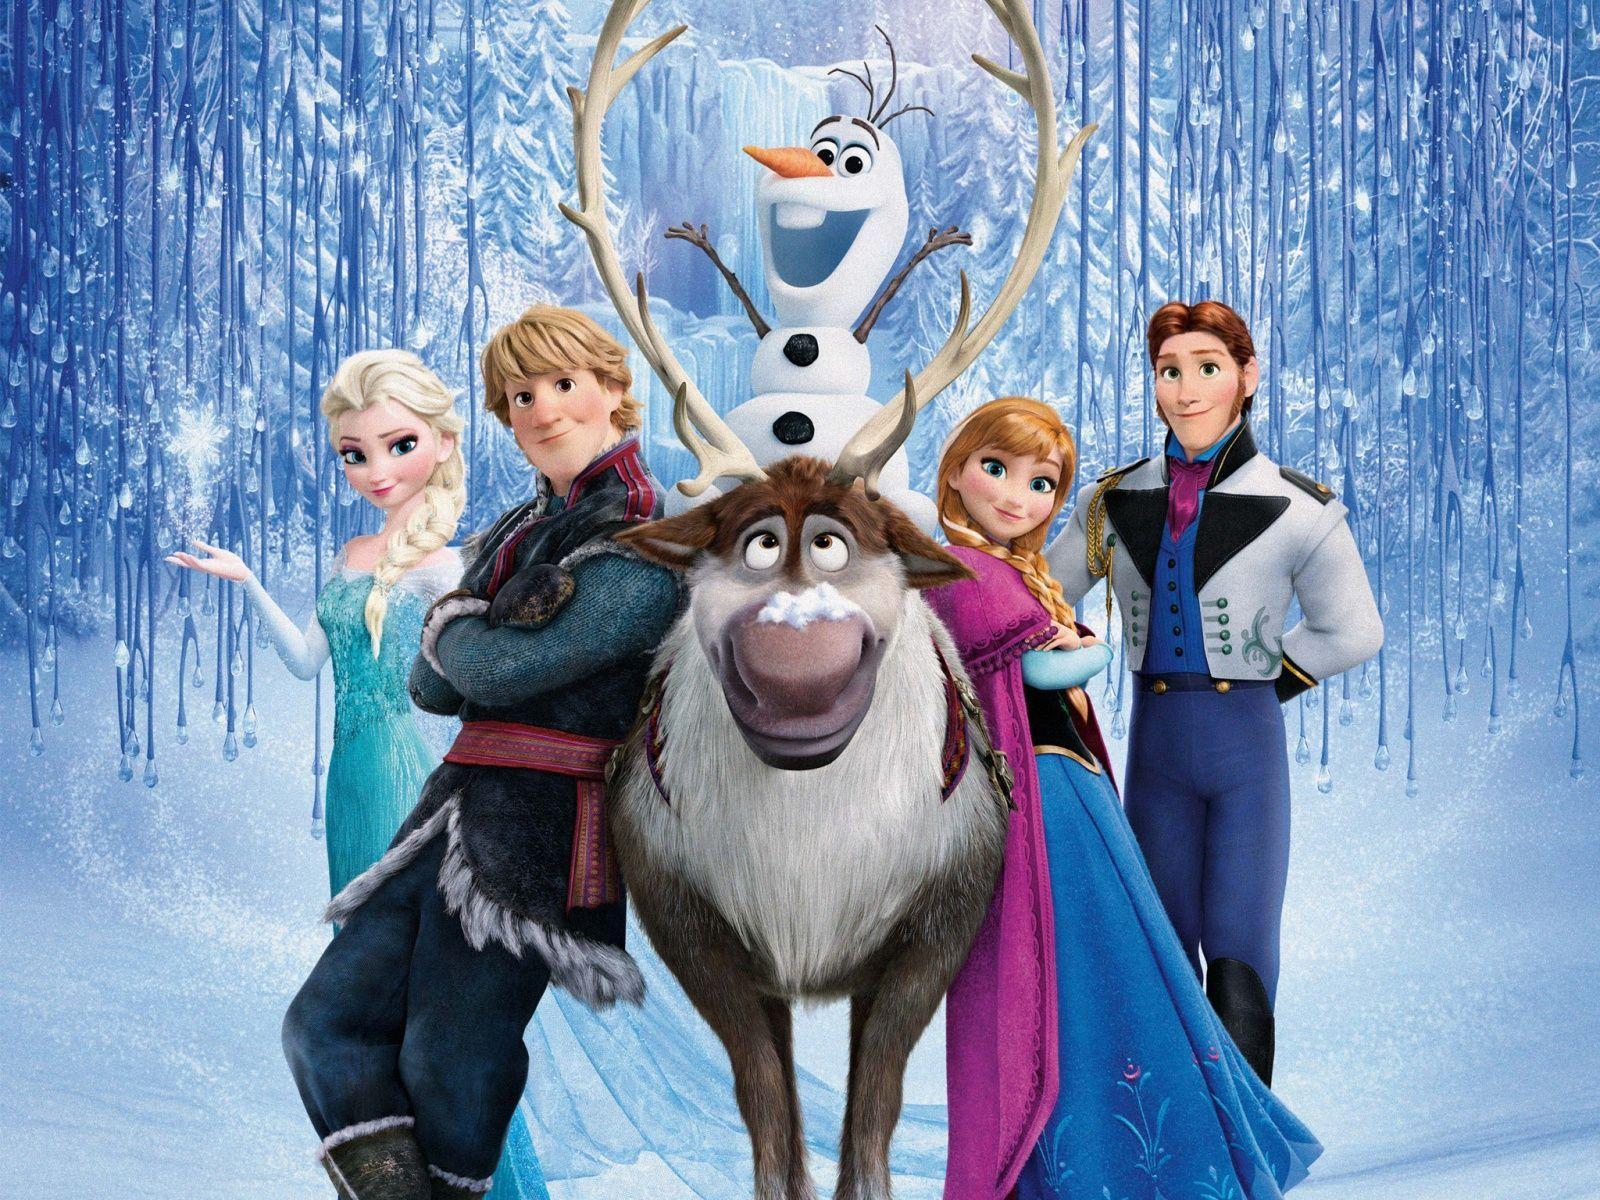 Disney Frozen Wallpapers - Top Free Disney Frozen ...